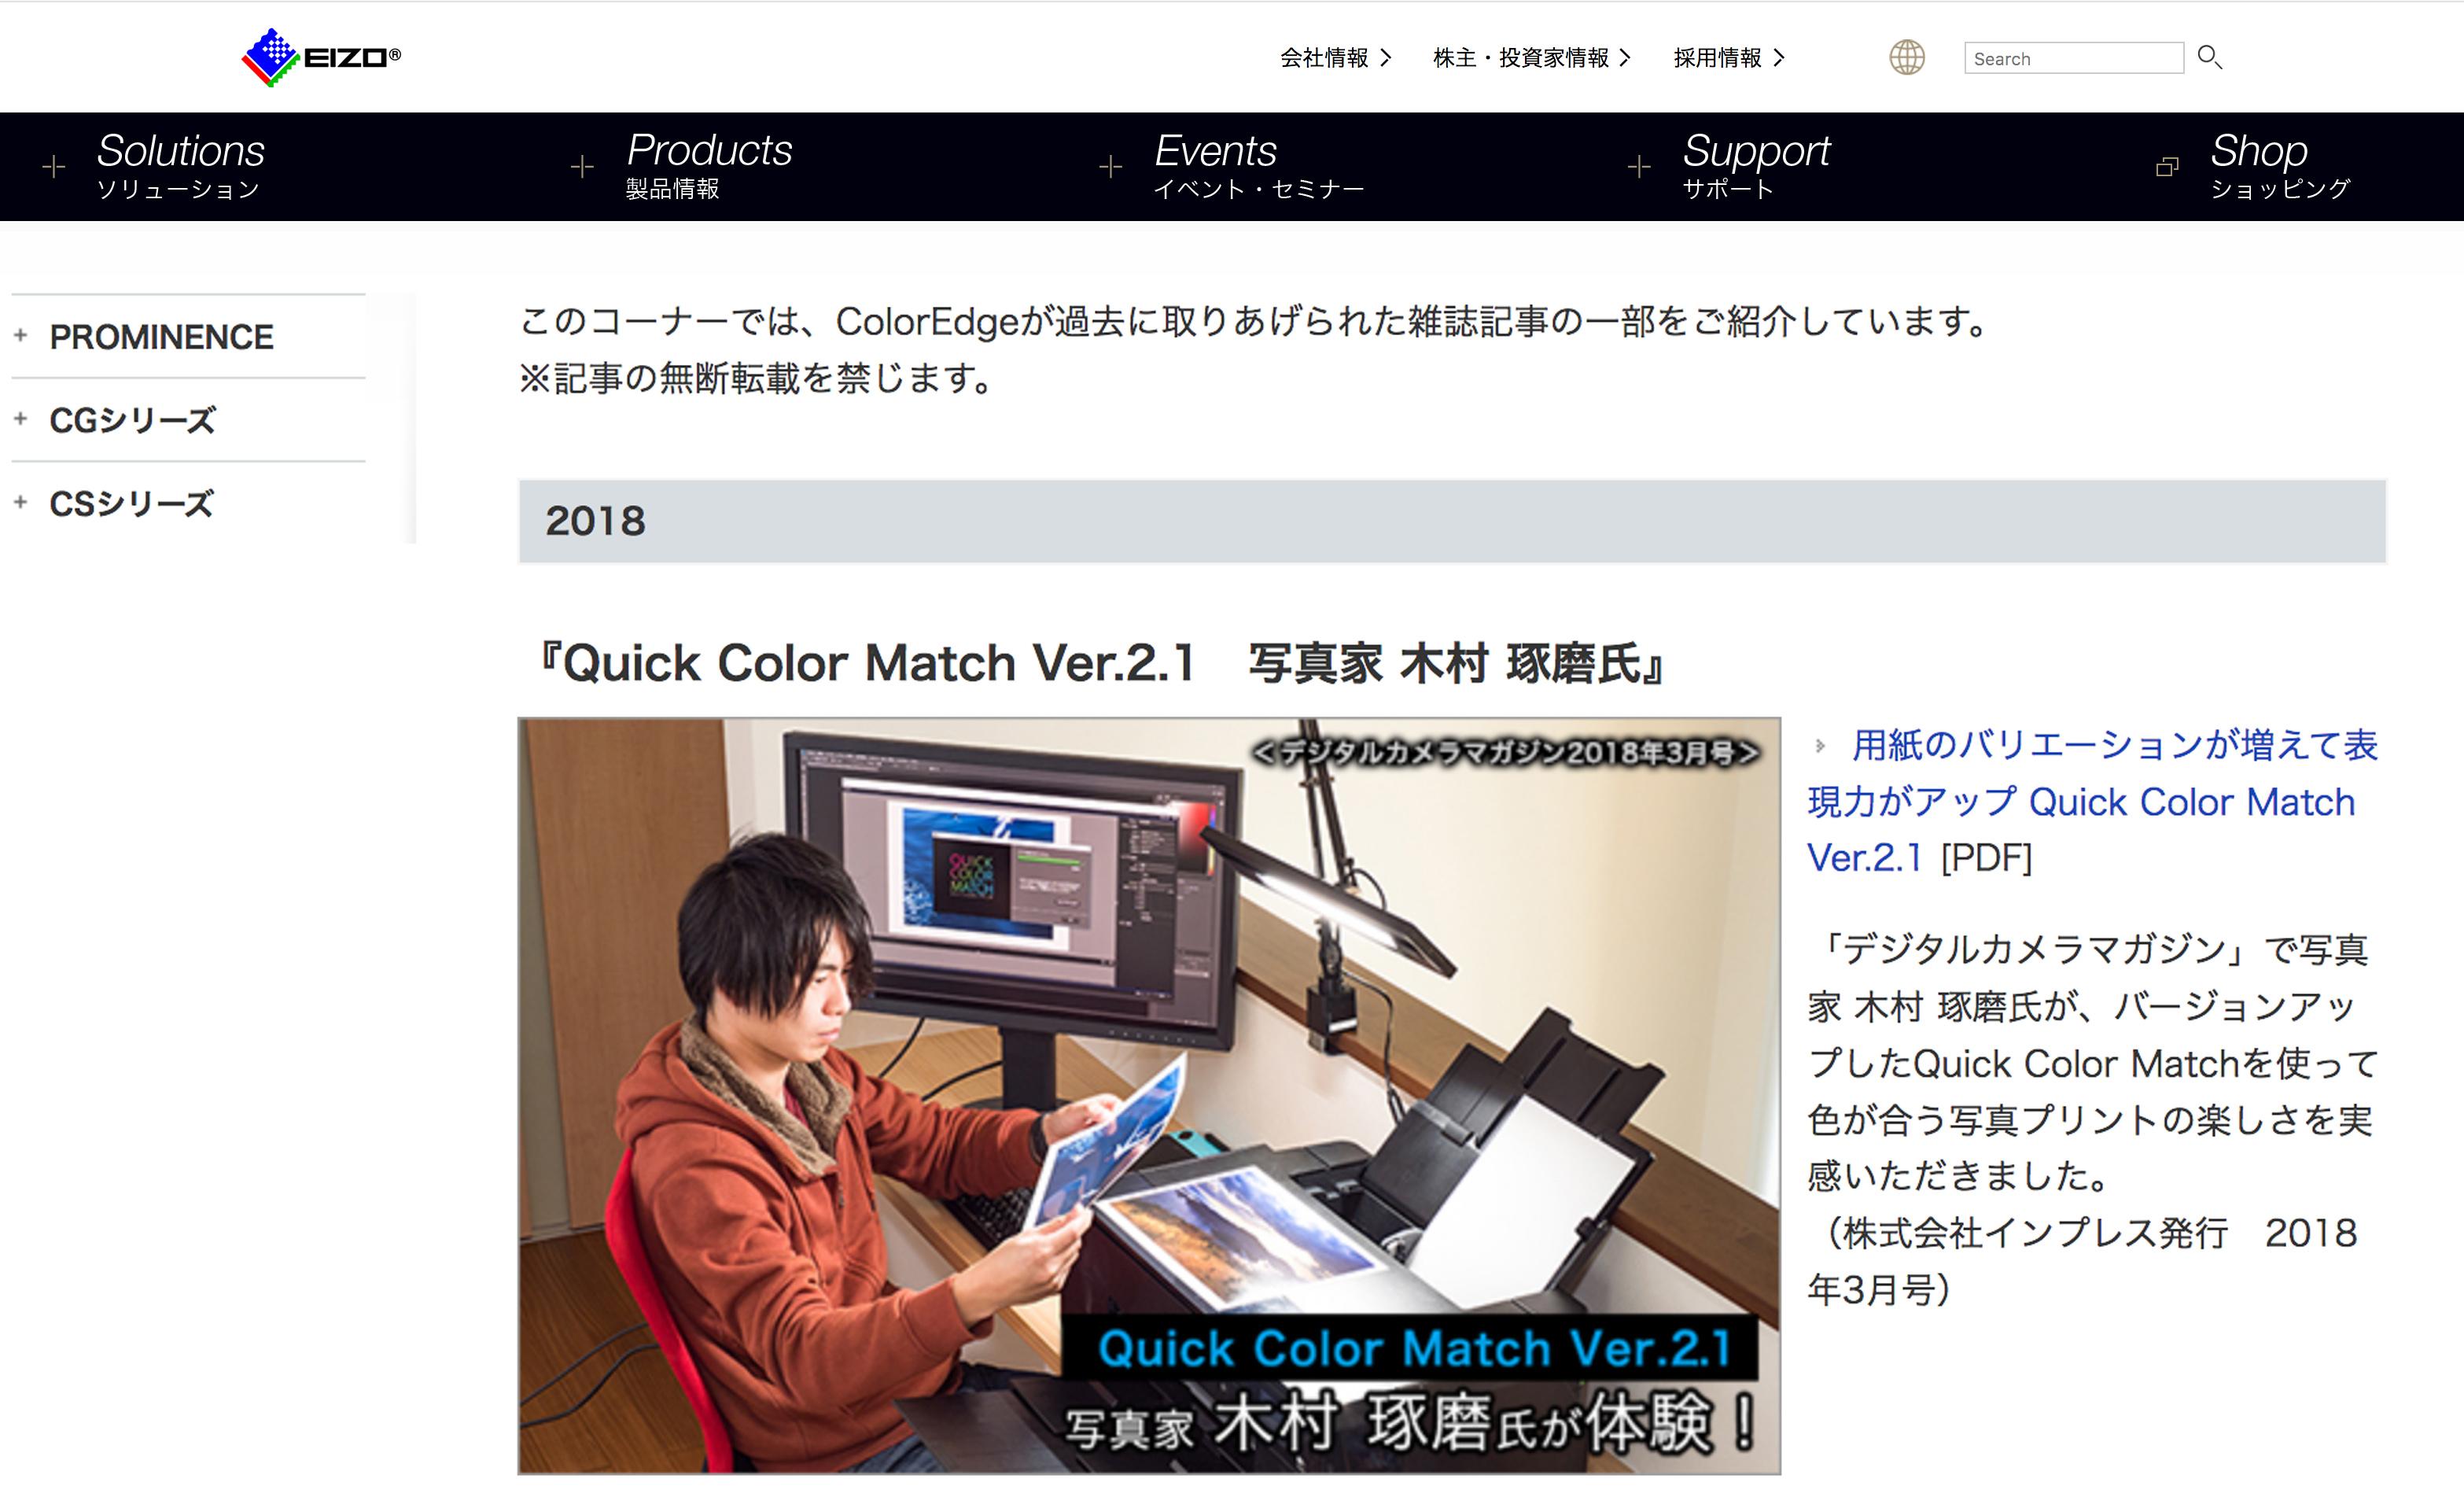 『Quick Color Match Ver.2.1 写真家 木村 琢磨